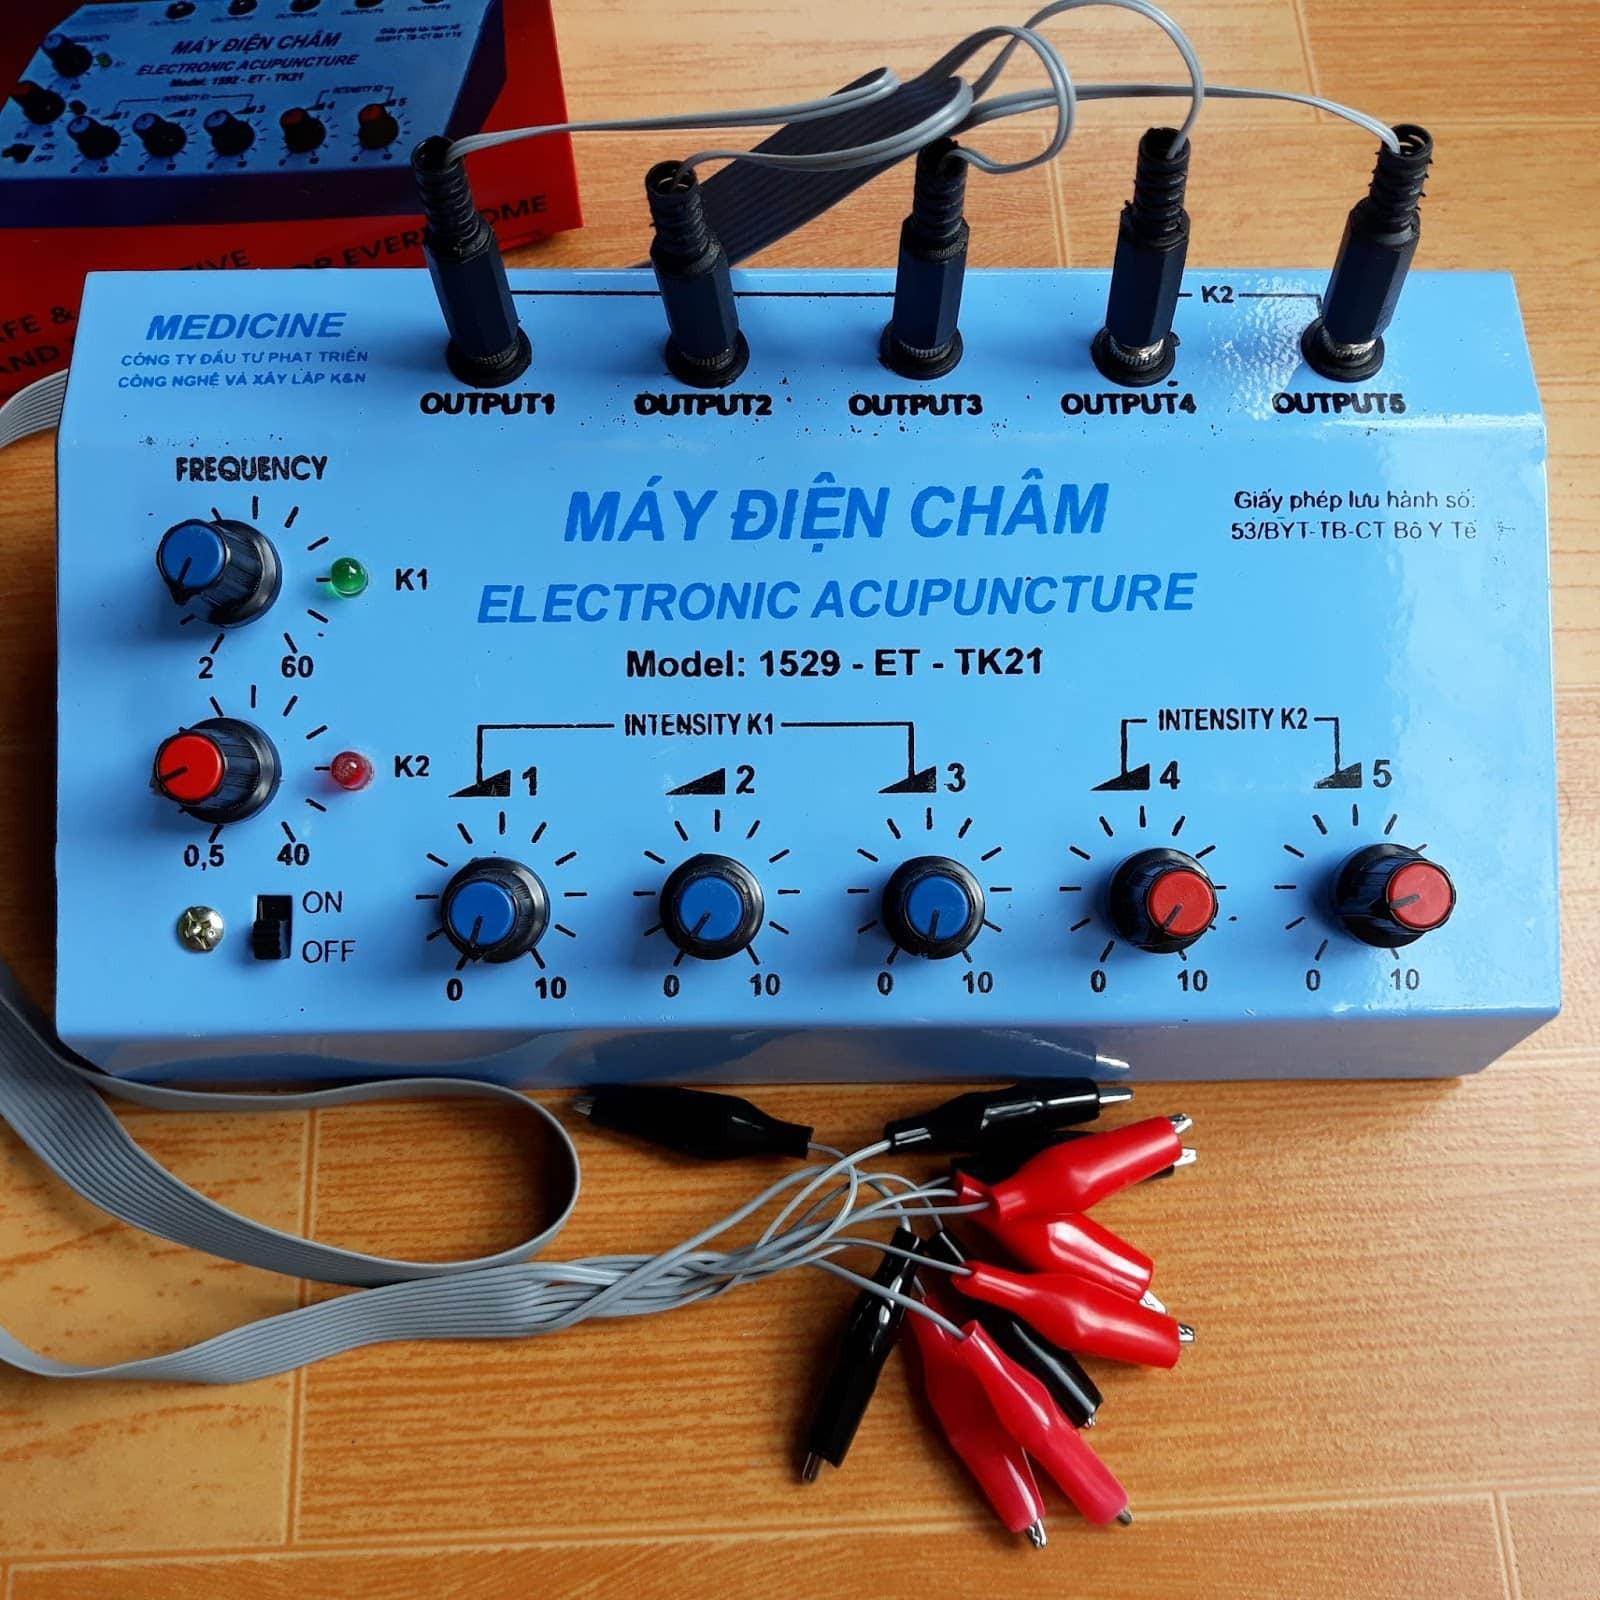 Máy điện châm dùng trong châm cứu kết hợp châm cứu điện